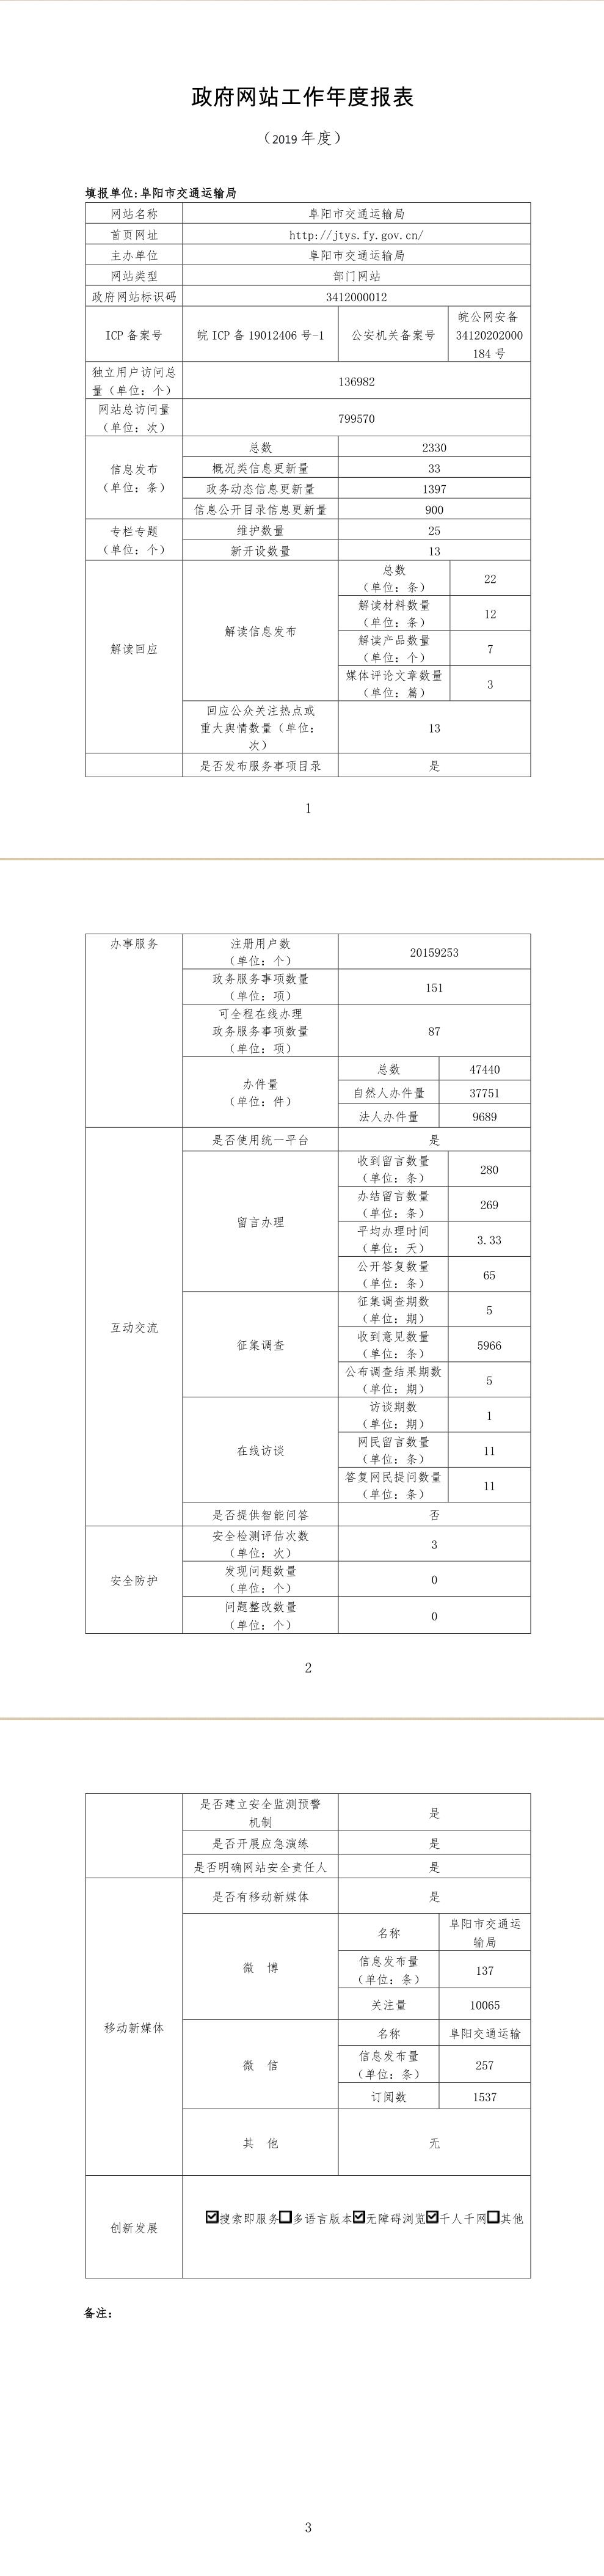 阜阳市交通运输局2019年度政府网站工作报表.png